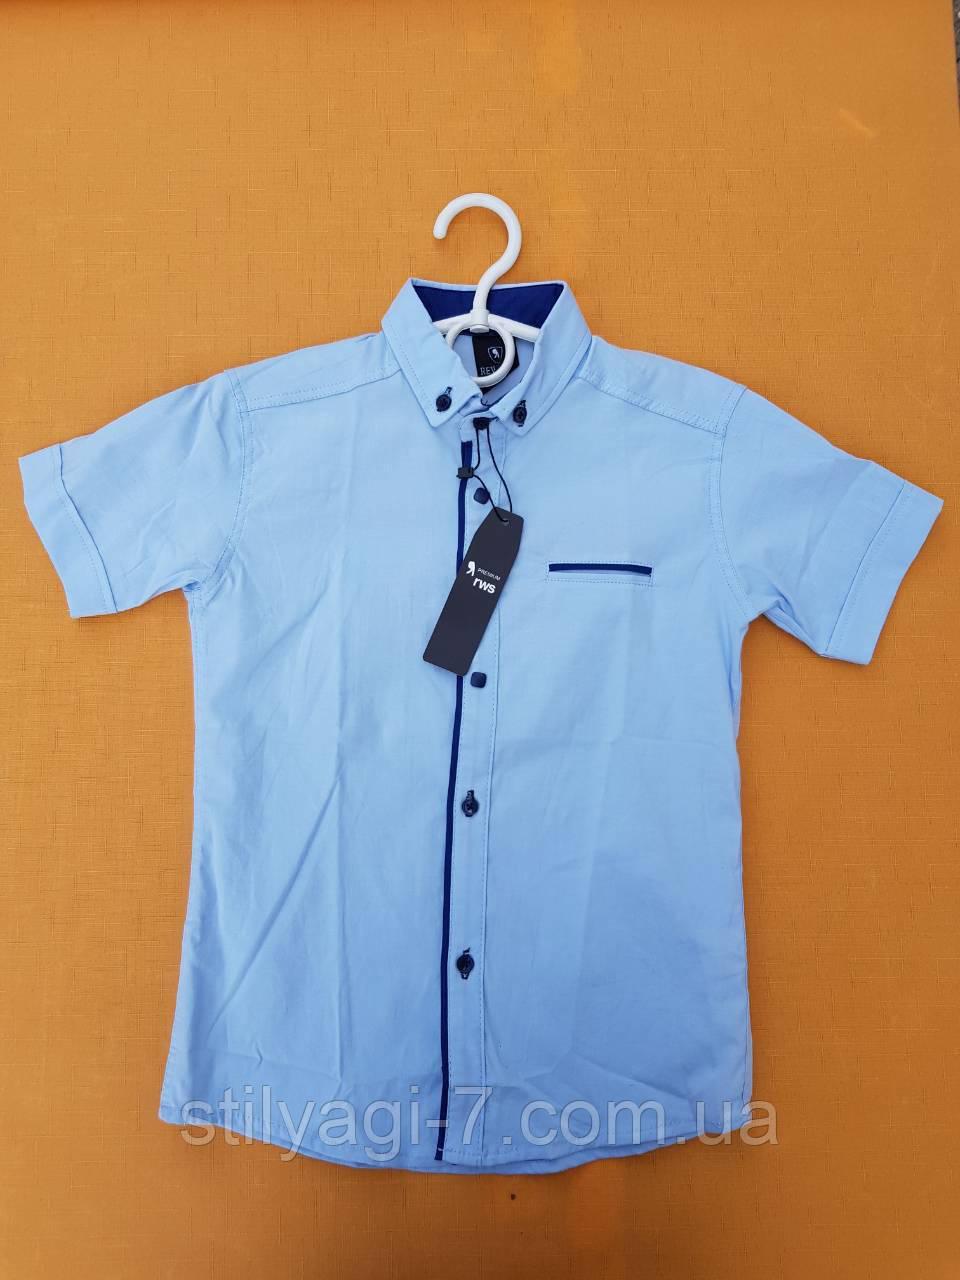 Рубашка на мальчика 12-16 лет голубого цвета с синей окантовкой оптом